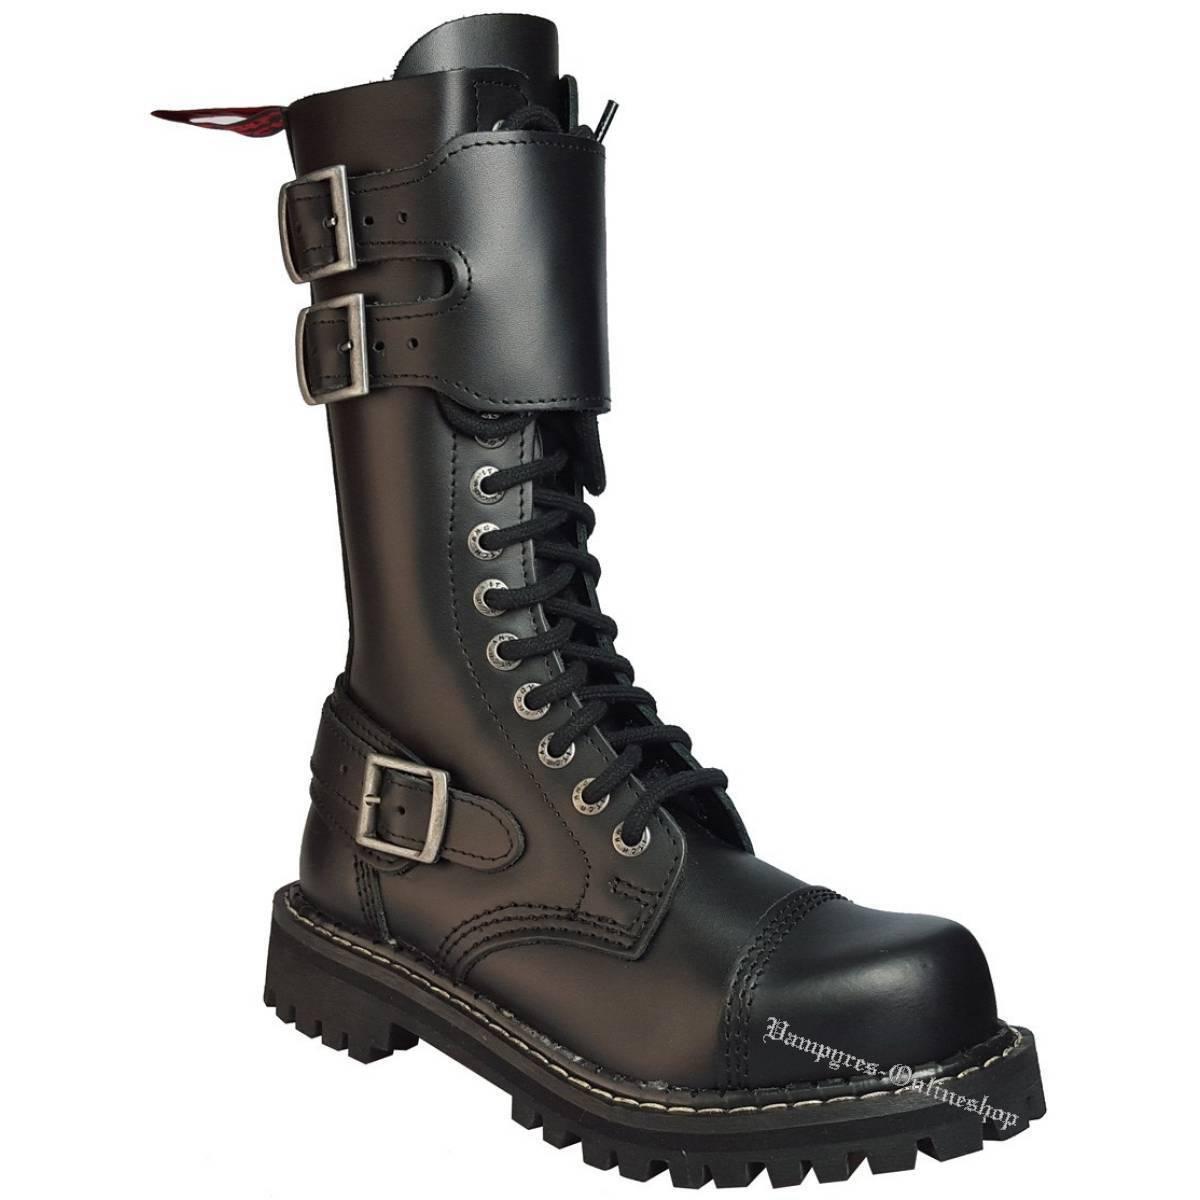 Angry Itch 14-Loch Stiefel Shield Reißverschluss Schwarz Rangers Stiefel 14-Loch Stahlkappen 8c320f